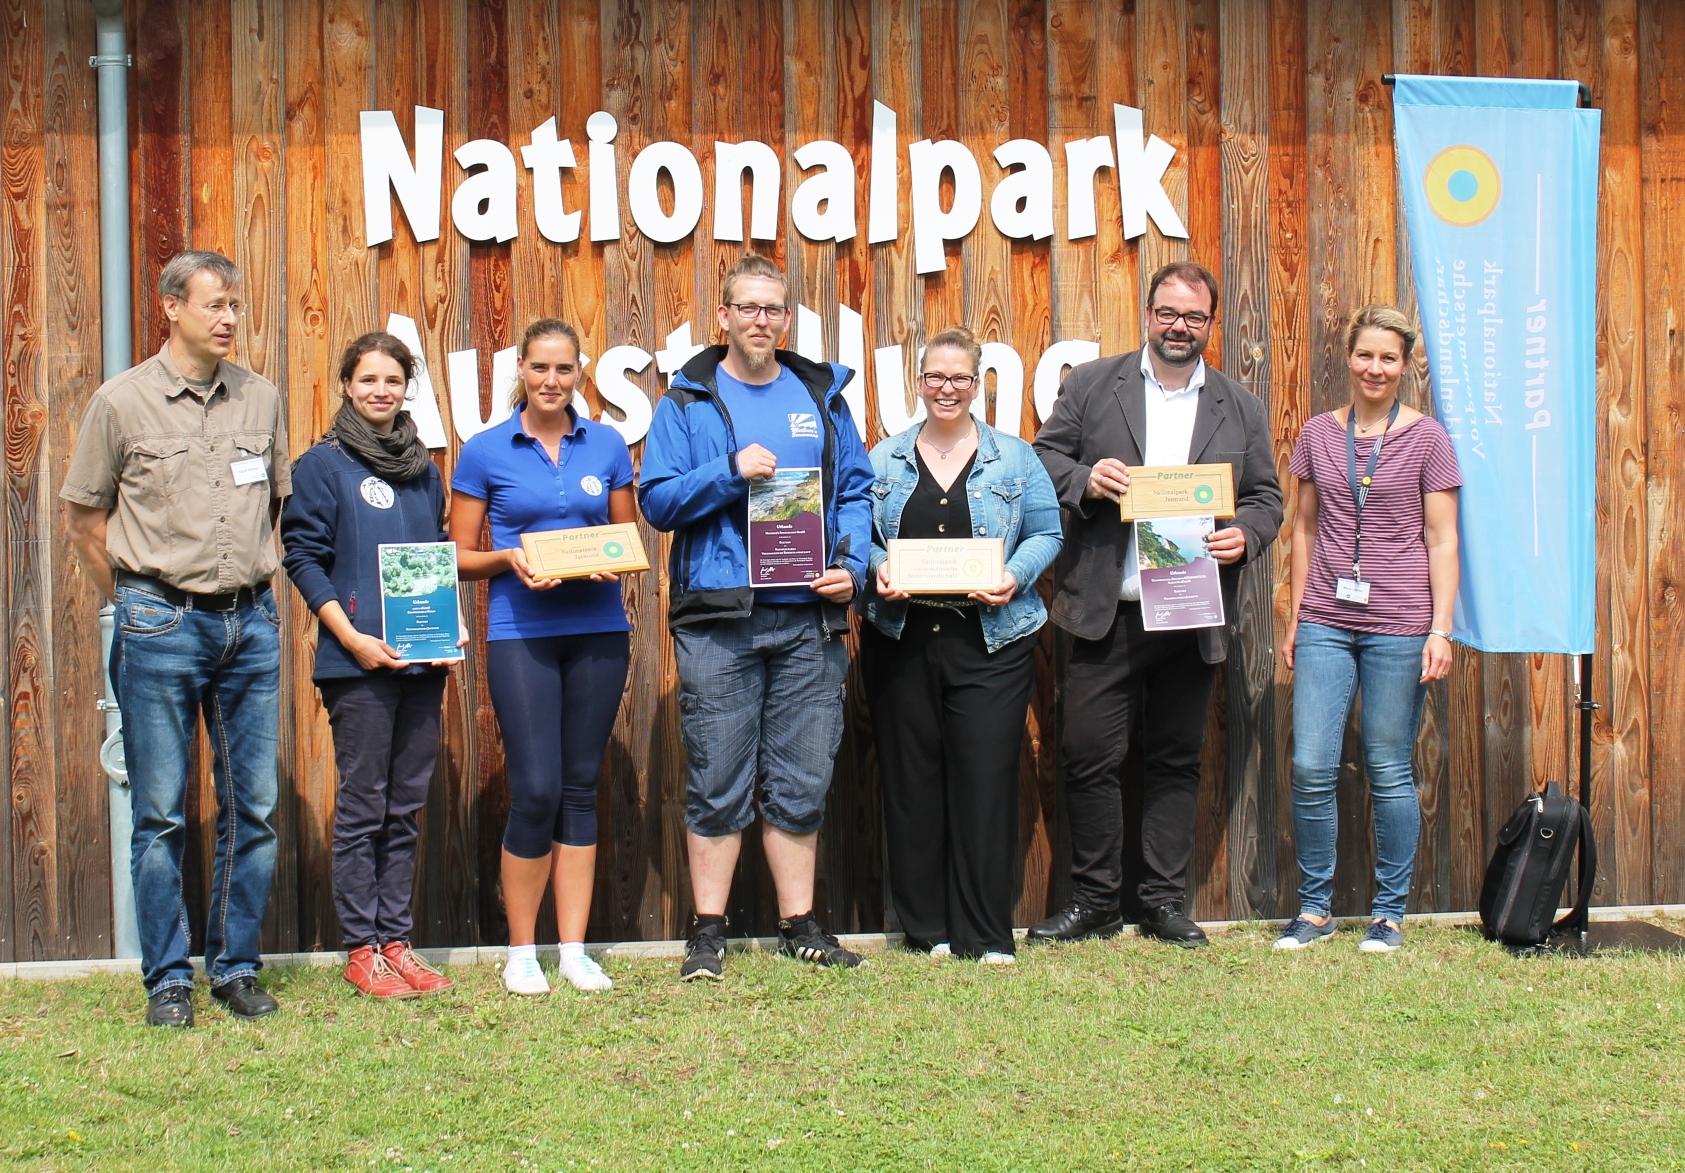 Genuss und gute Laune mit Nationalparkpartnern